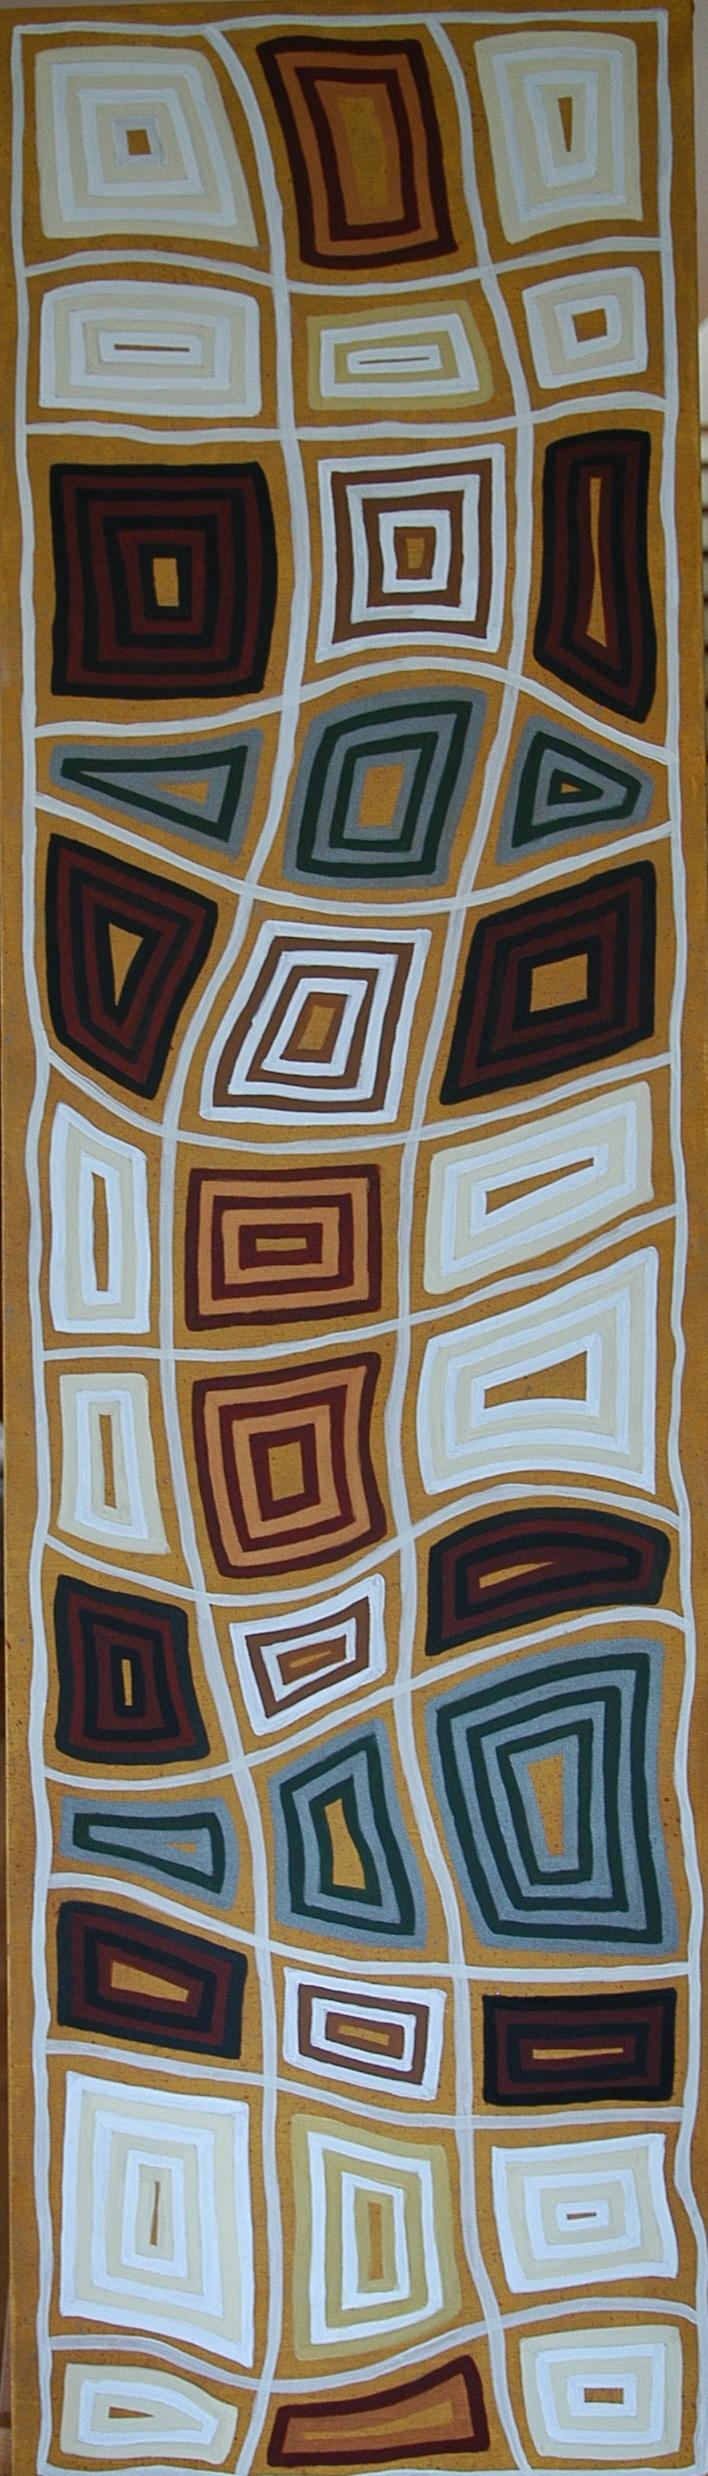 Oil and acrylic on canvas, 45x160cm